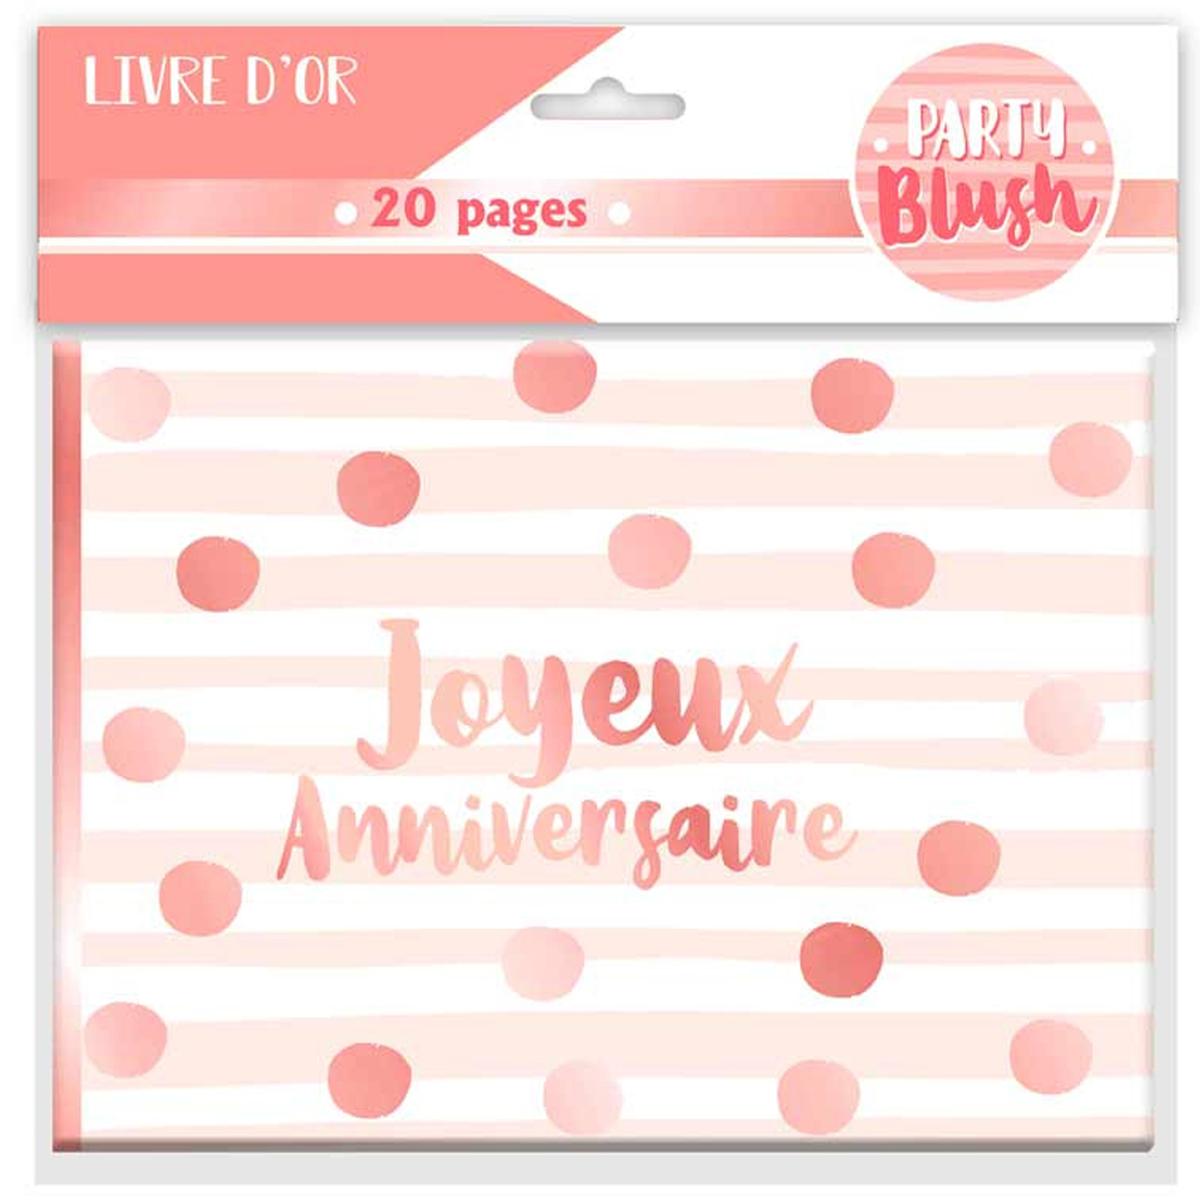 Livre d\'or \'Joyeux Anniversaire\' blanc rosé (blush) - 155x215 cm - [Q9001]